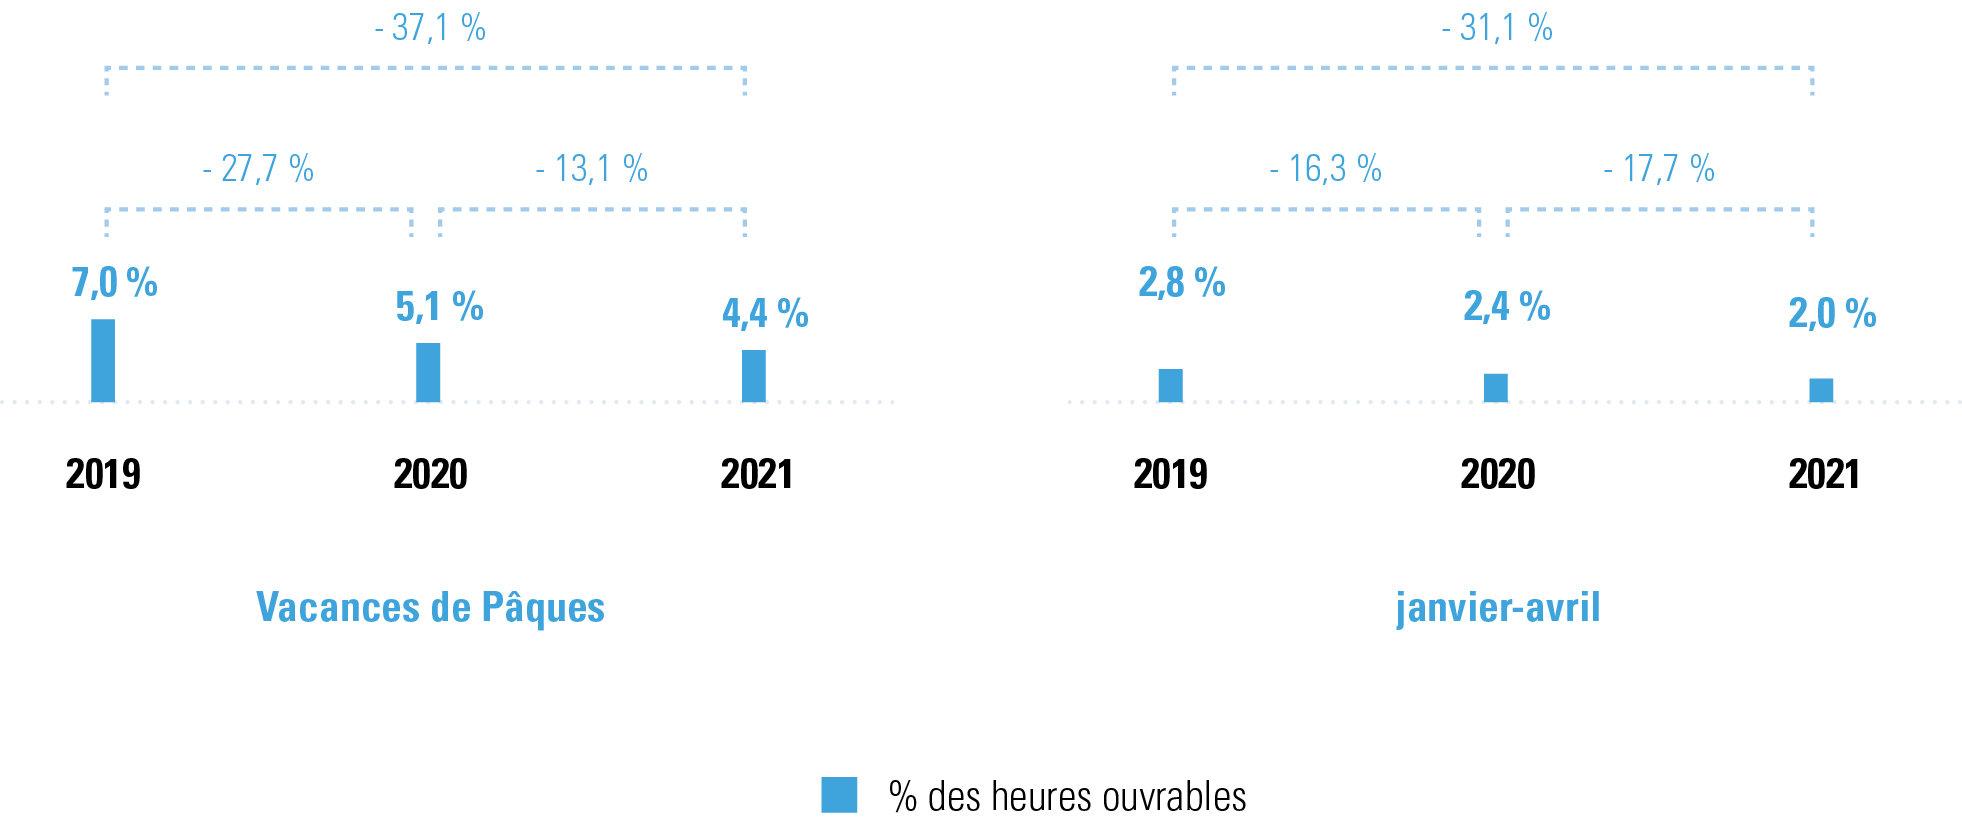 Vacances en période de Pâques et janvier-avril, 2021 et comparaison avec 2020 et 2019